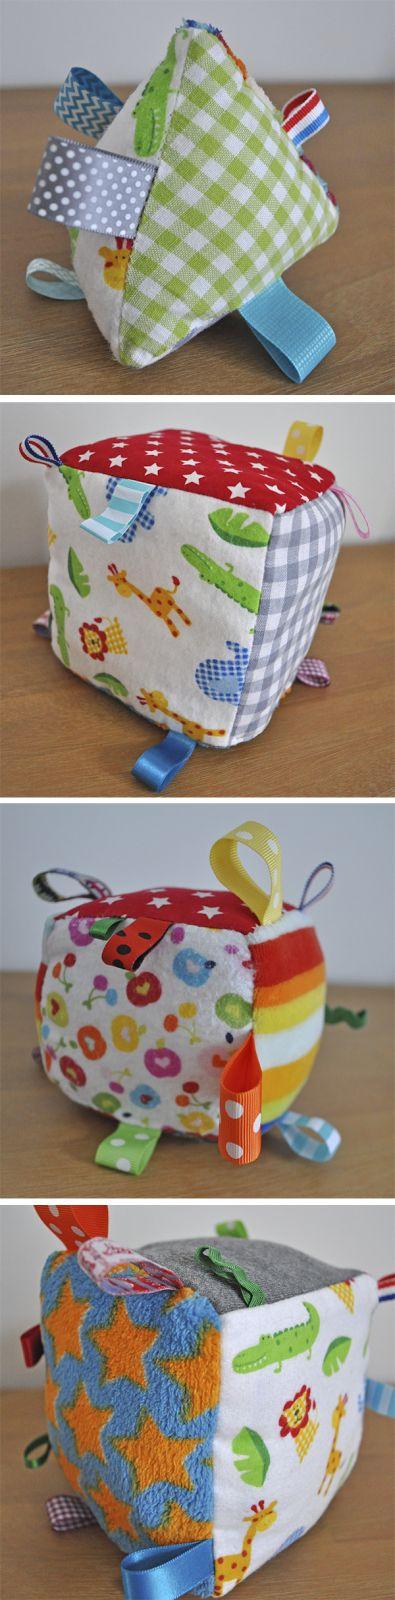 Een blog over vrolijke handgemaakte 'kado-tjes'. De artikelen zijn gemaakt met de naaimachine, geknutseld, gehaakt, geschilderd of gefotografeerd.